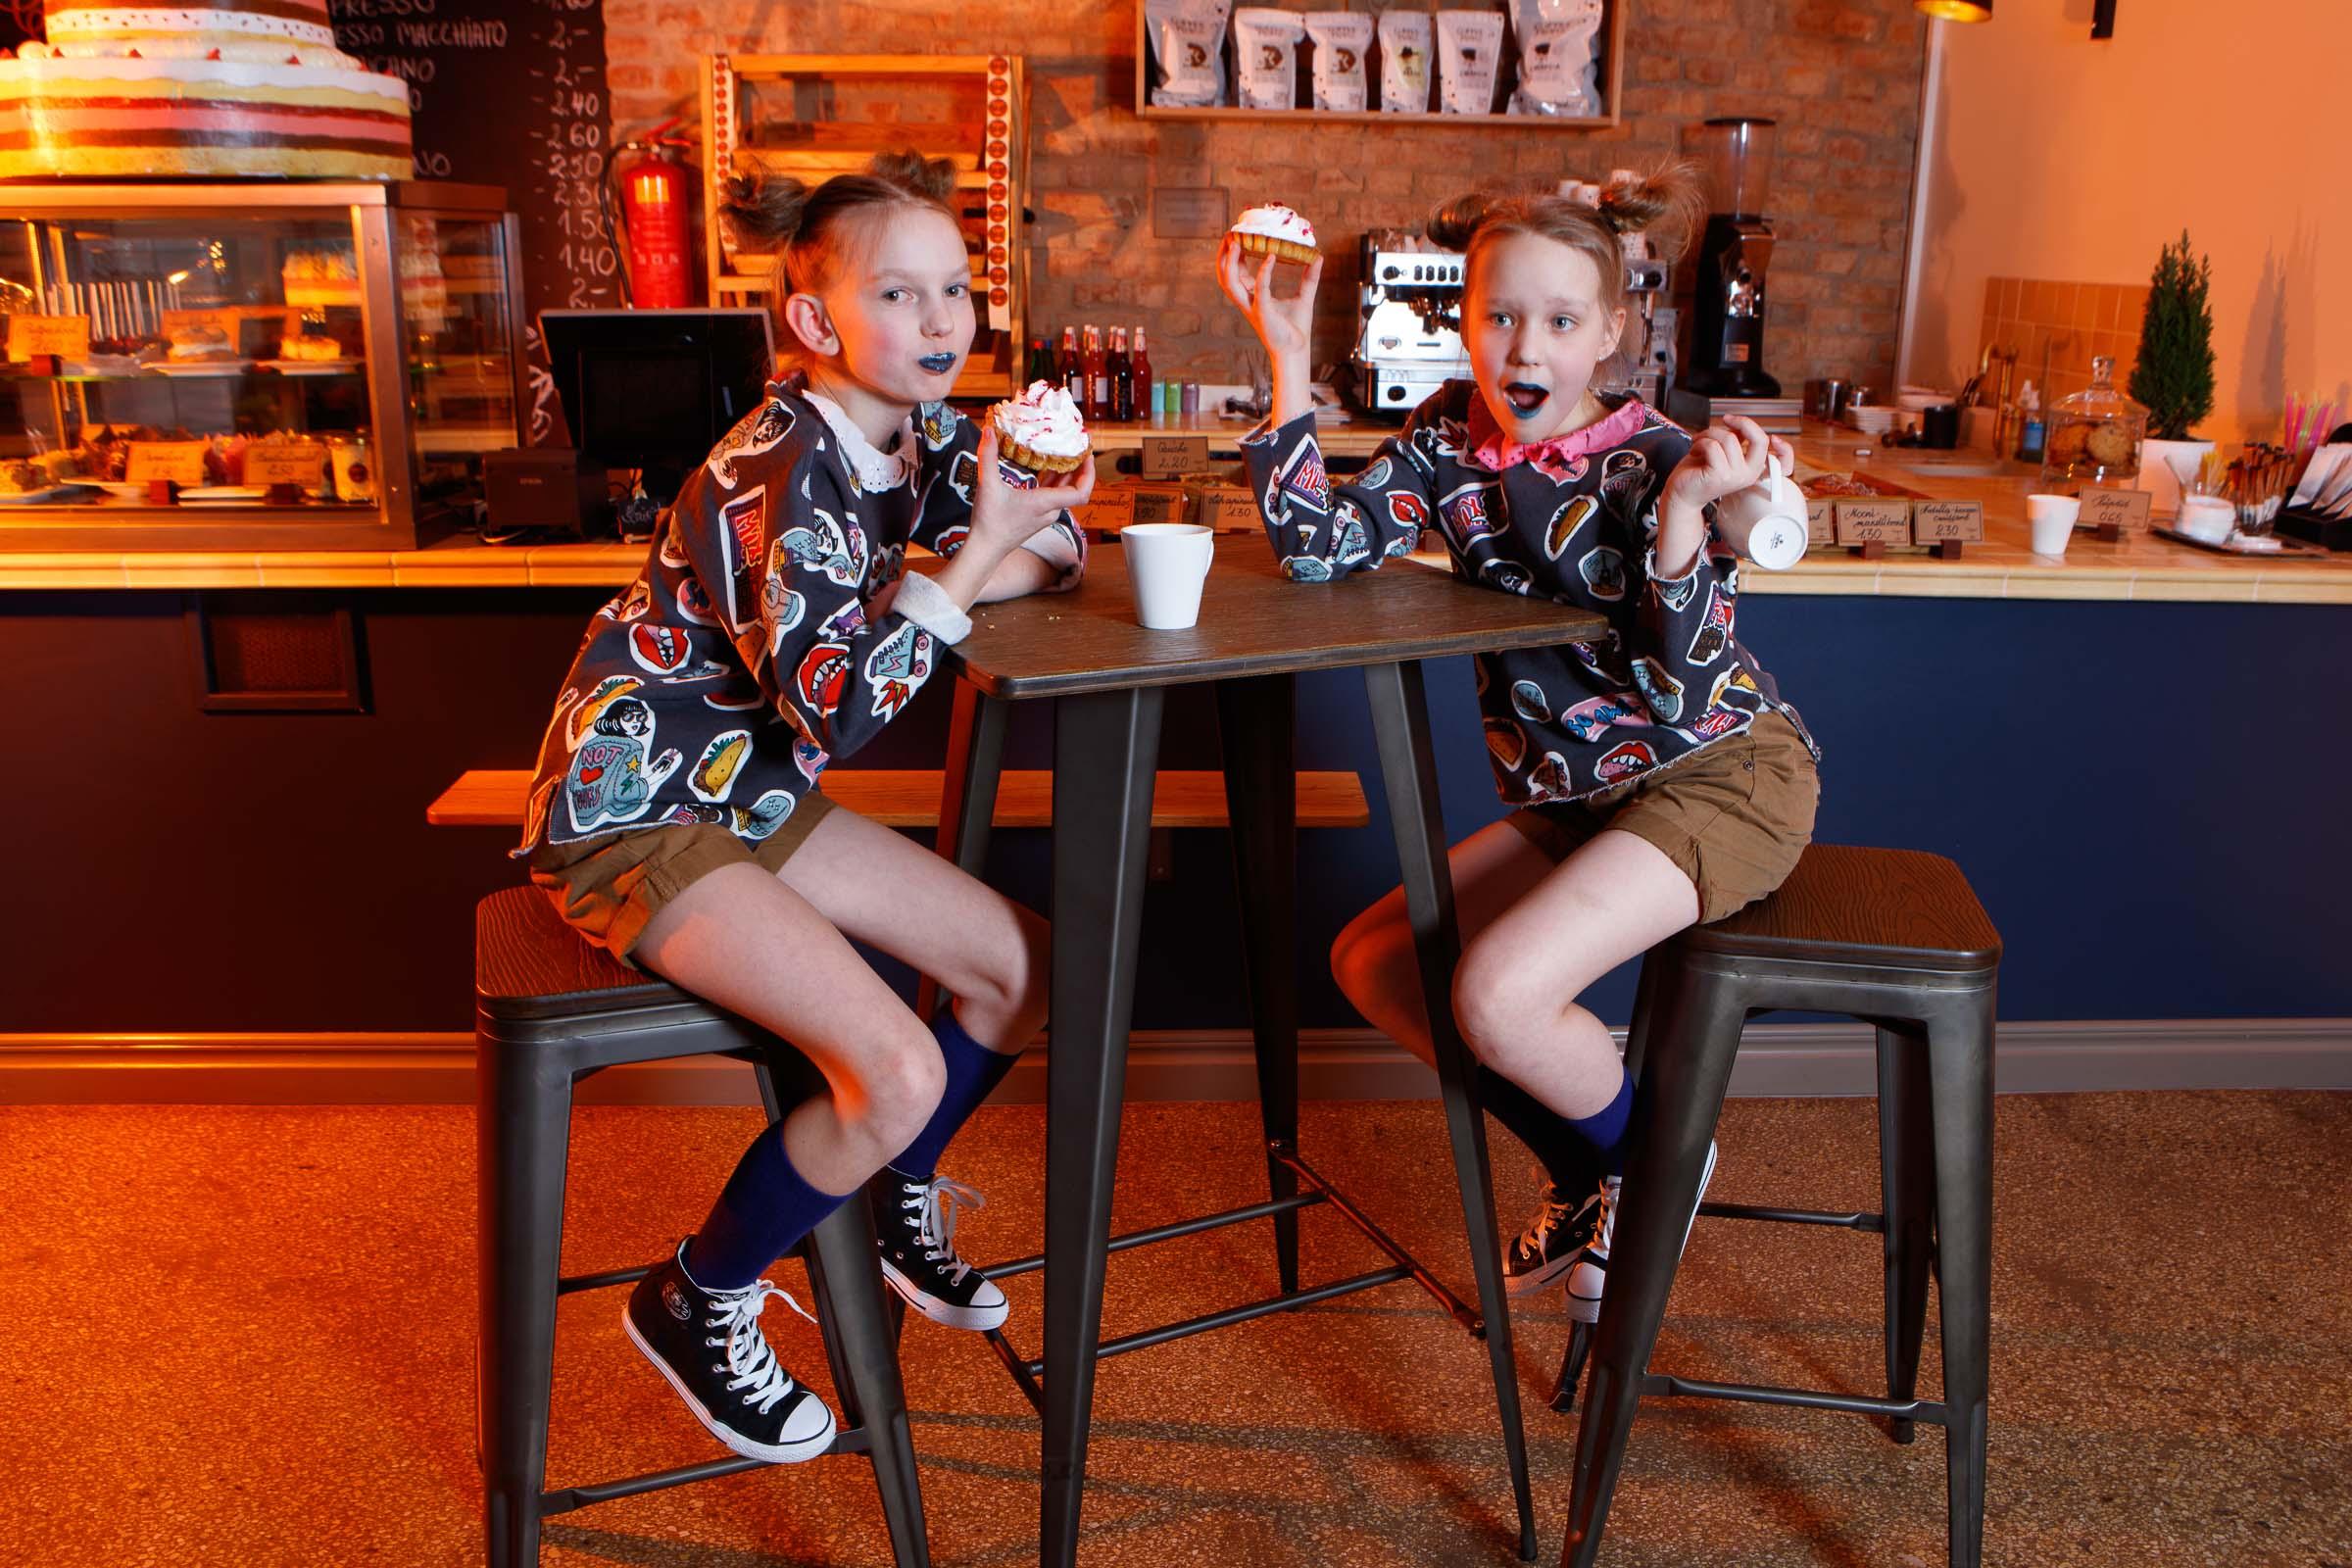 FACE-moe-ja-tantsukooli-tants-_Tort_-kohvikus-Caramel36